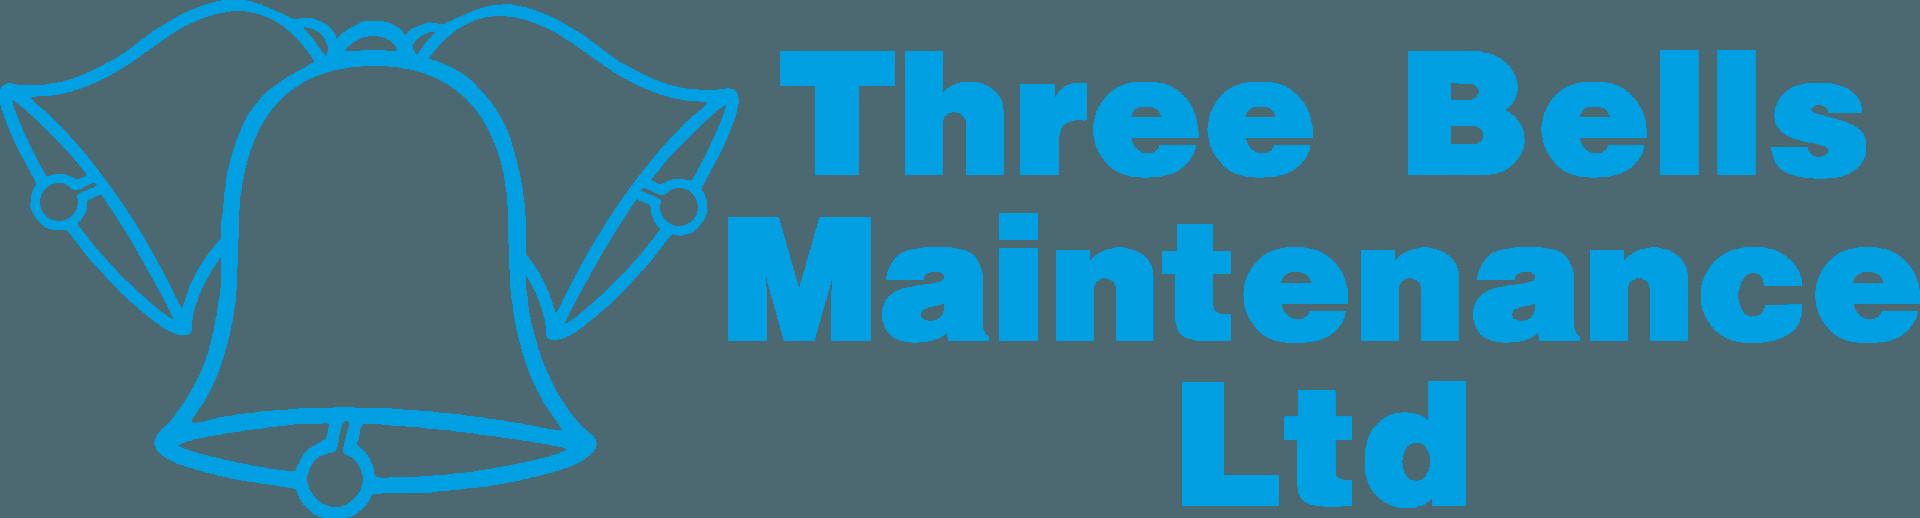 Three Bells Maintenance Ltd